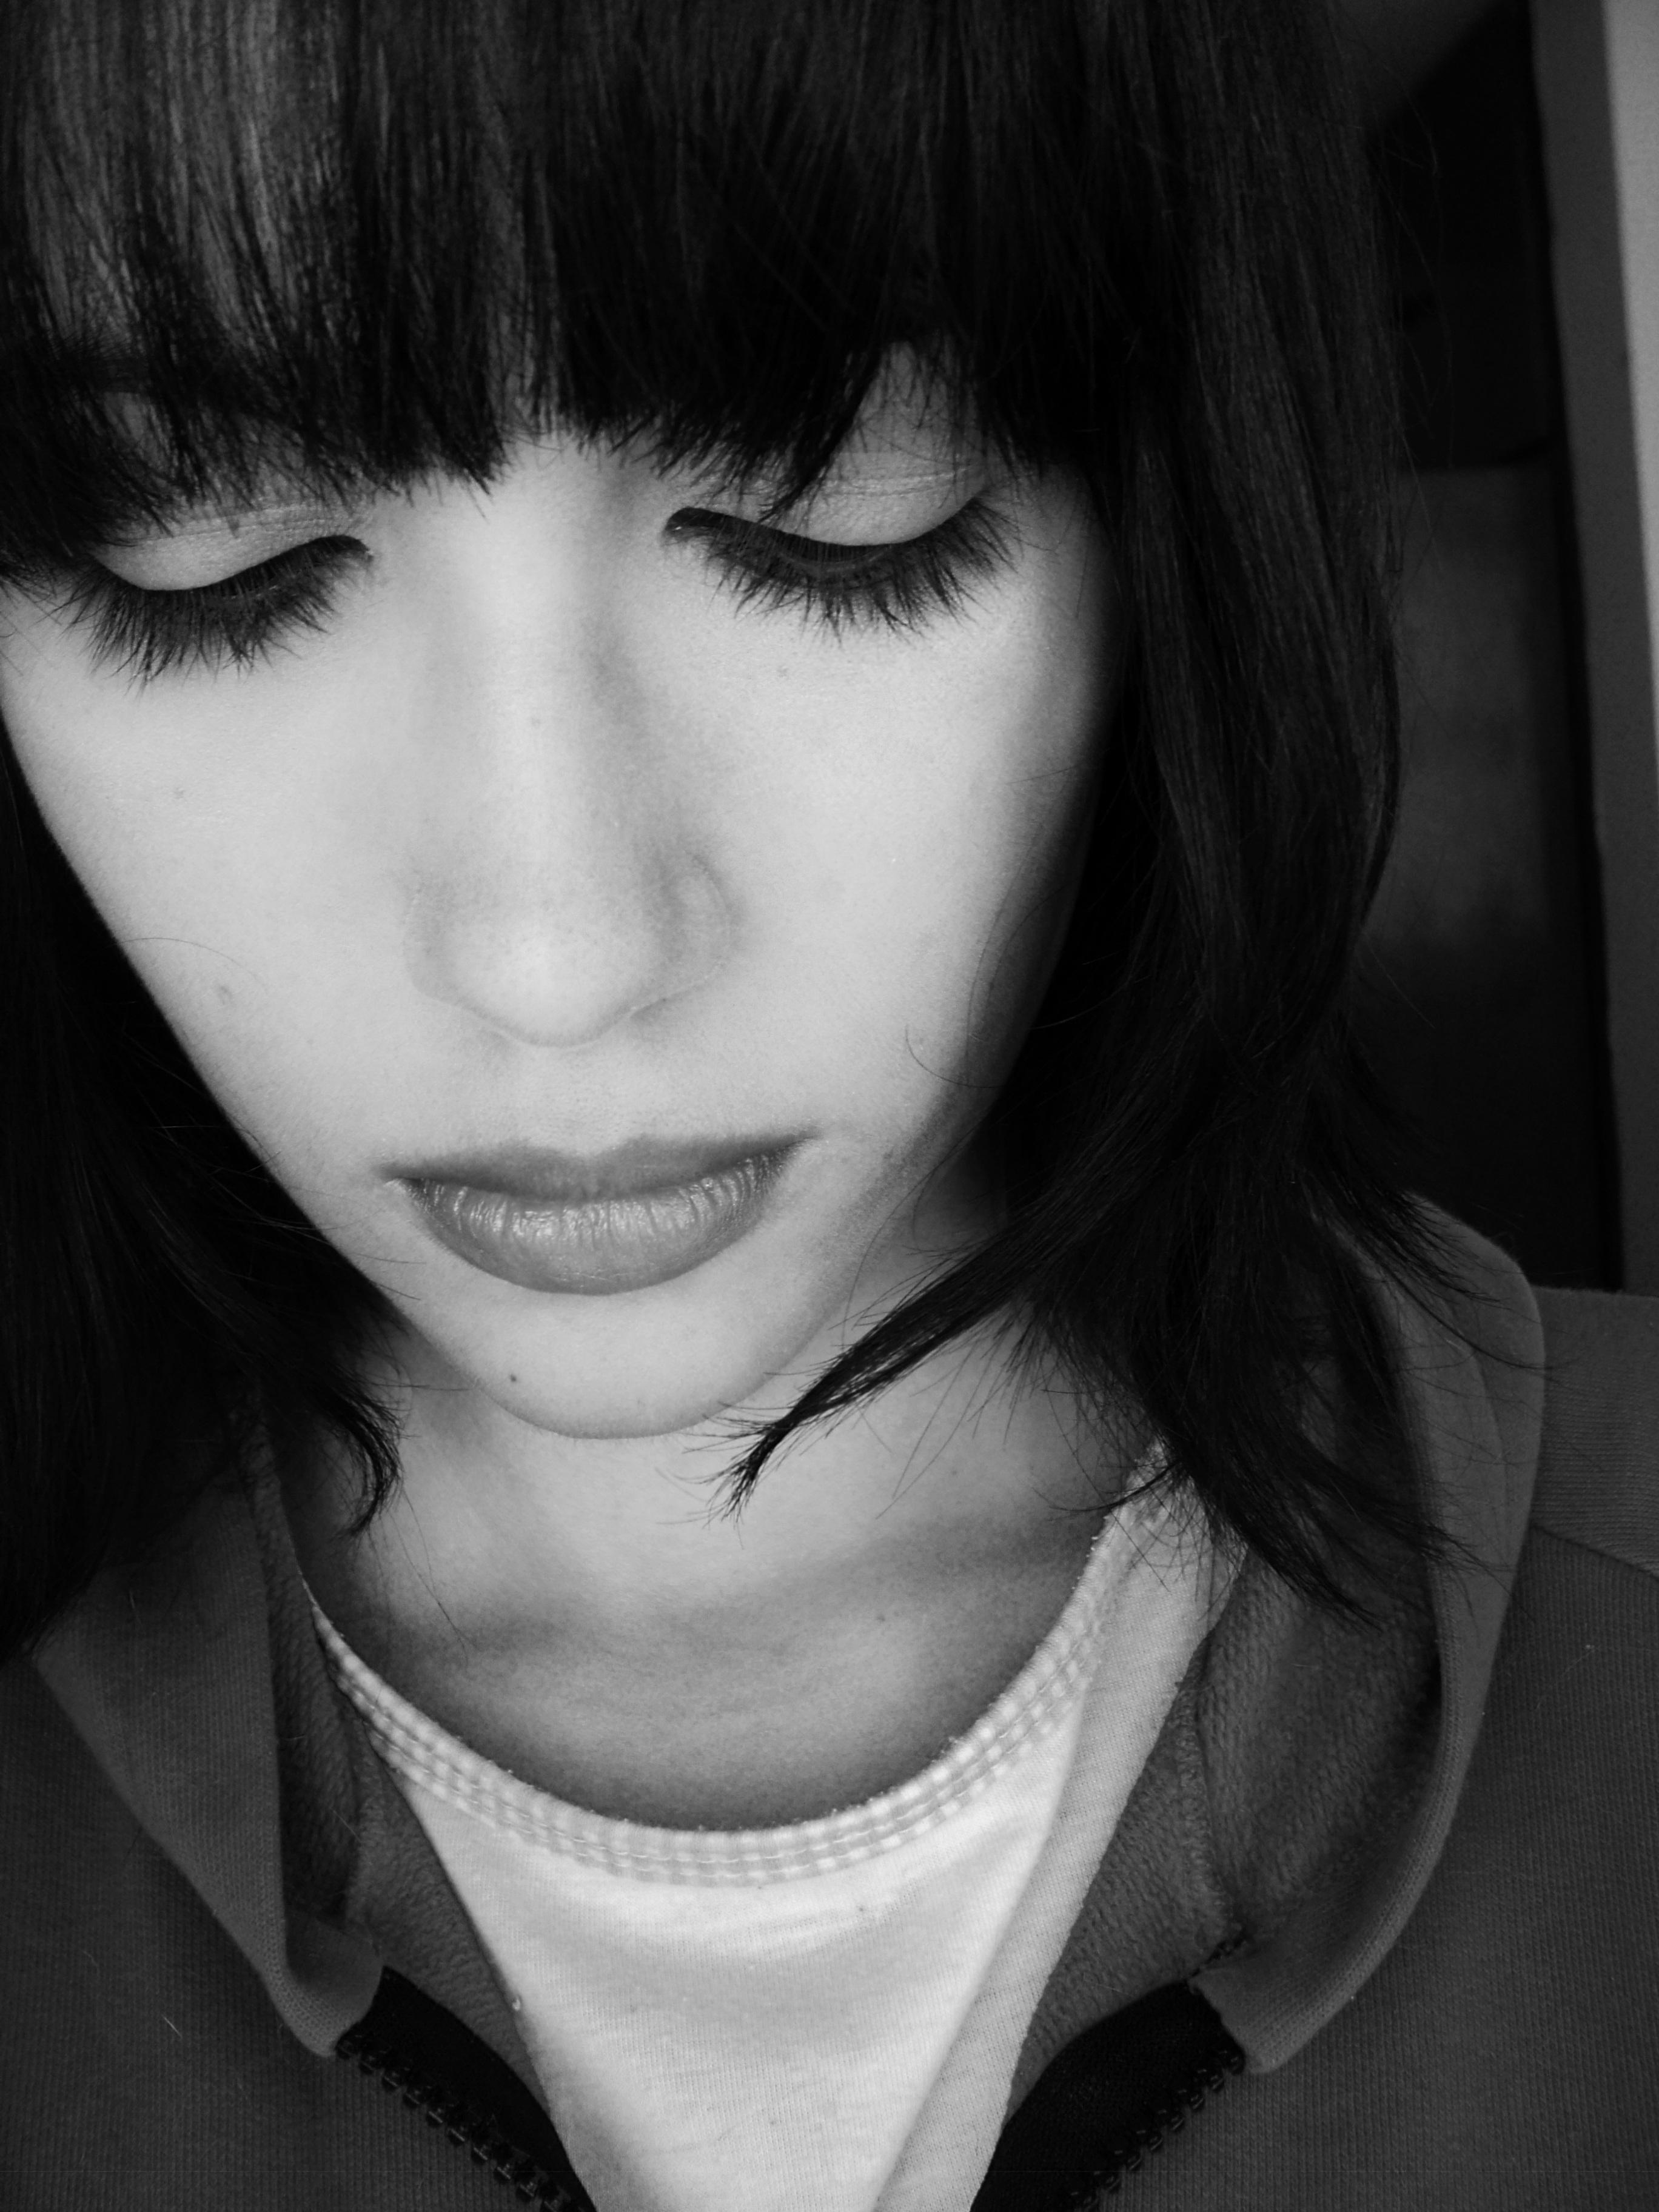 Gambar Orang Hitam Dan Putih Gadis Wanita Sendirian Kesedihan Si Rambut Coklat Model Muda Grayscale Satu Warna Kesepian Raut Wajah Hairstyle Tersenyum Merapatkan Rambut Hitam Sedih Menghadapi Hidung Kesendirian Mata Kepala